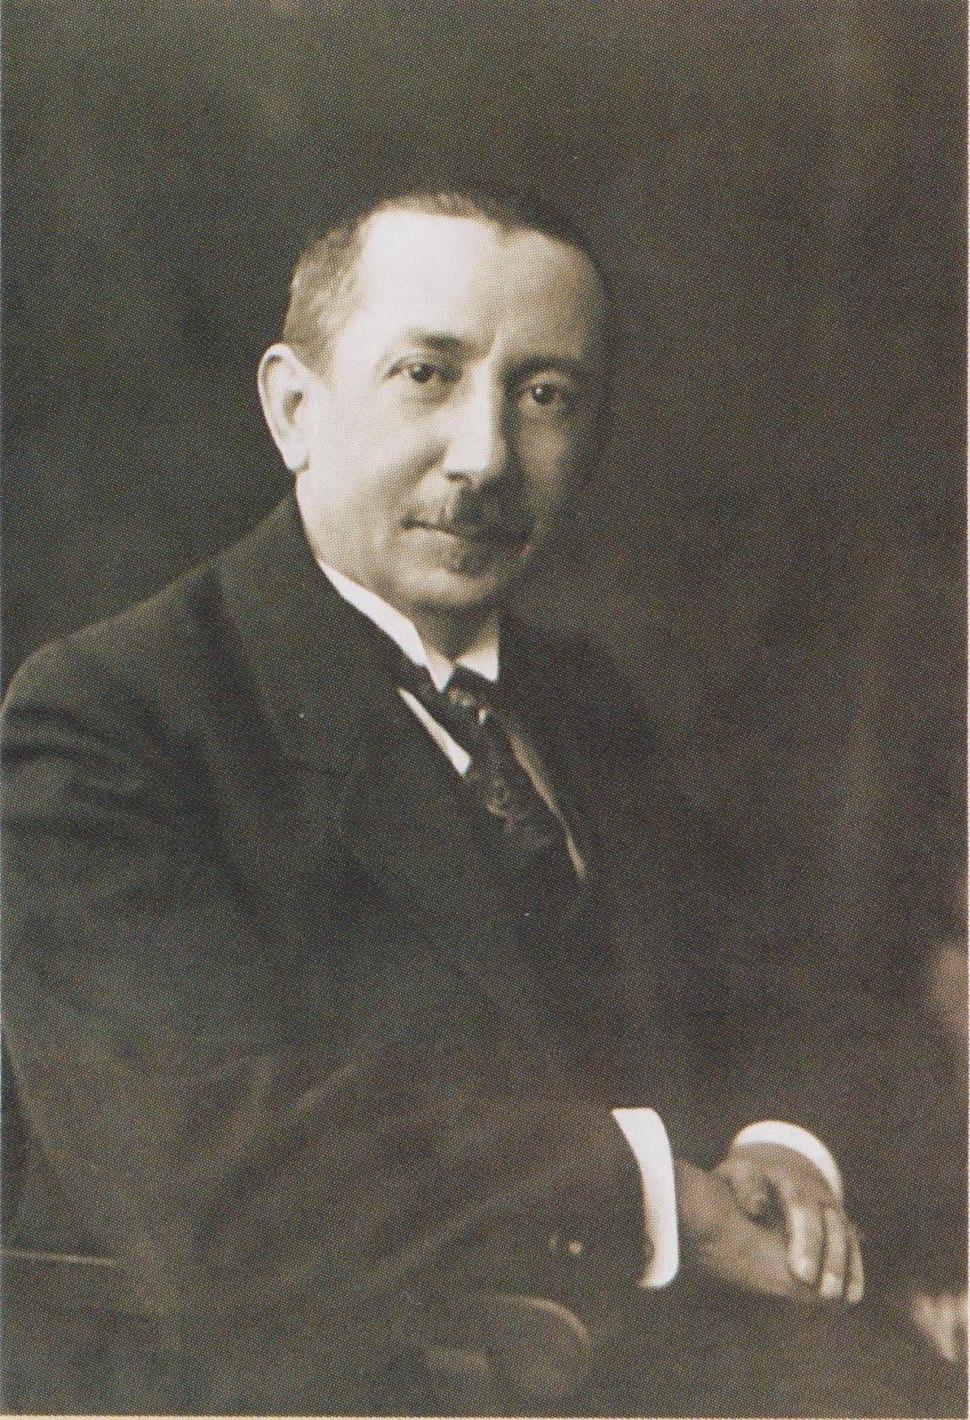 Peidl Gyula official